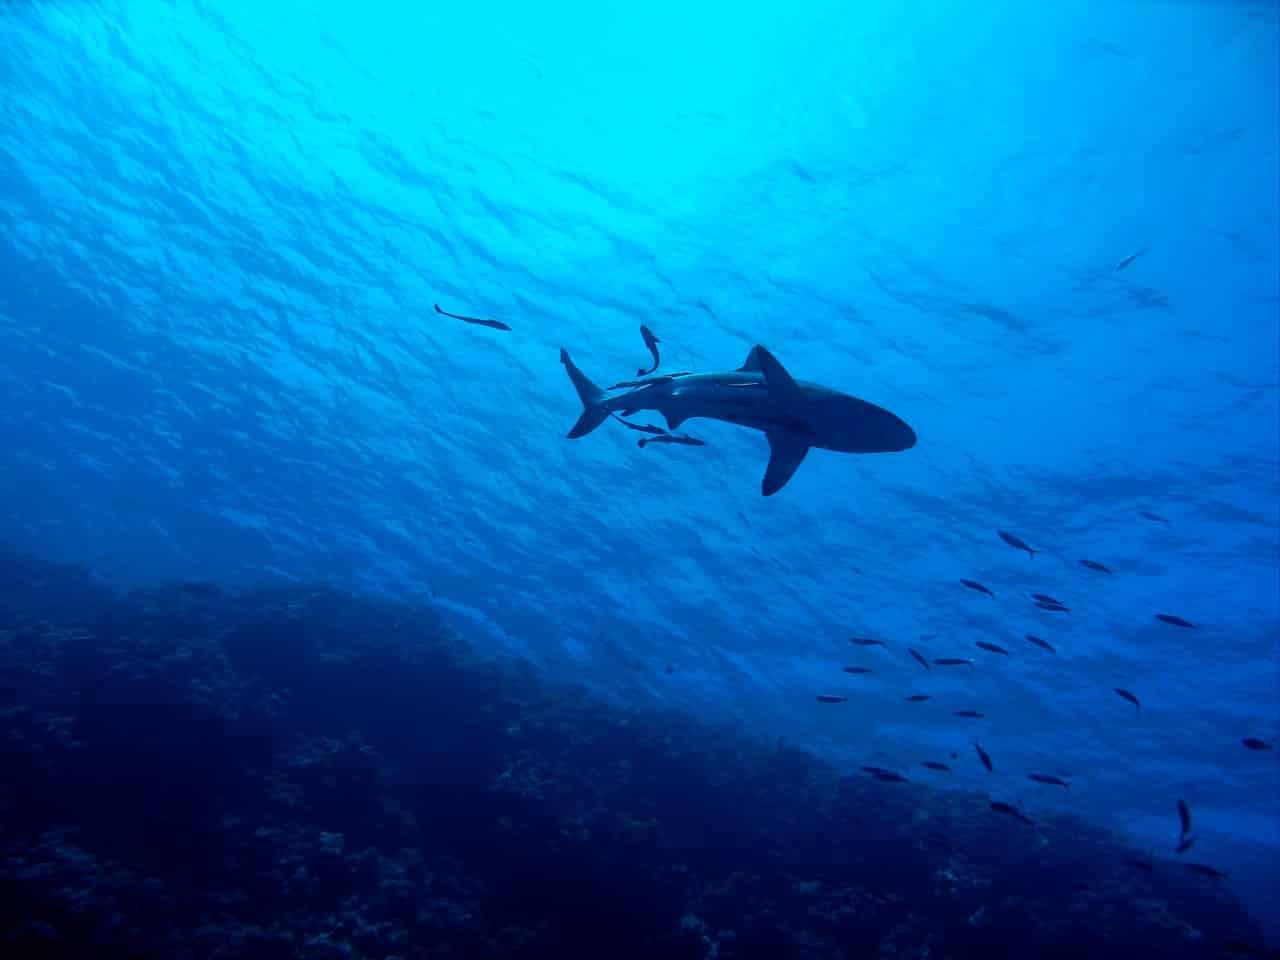 Un requin nageant en eaux profondes